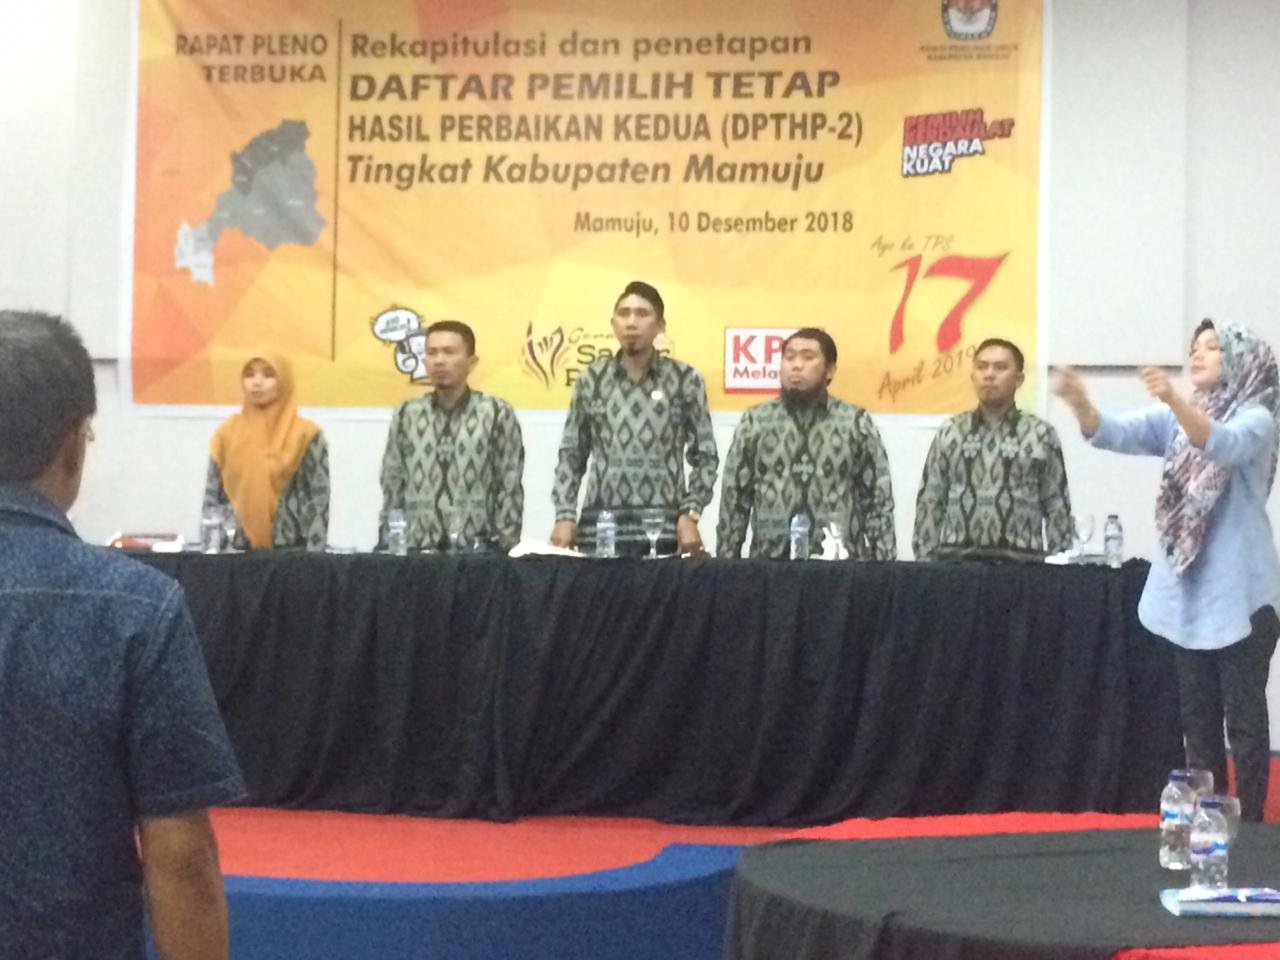 Pleno DPTHP2, Pemilih di Mamuju Bertambah 4.714